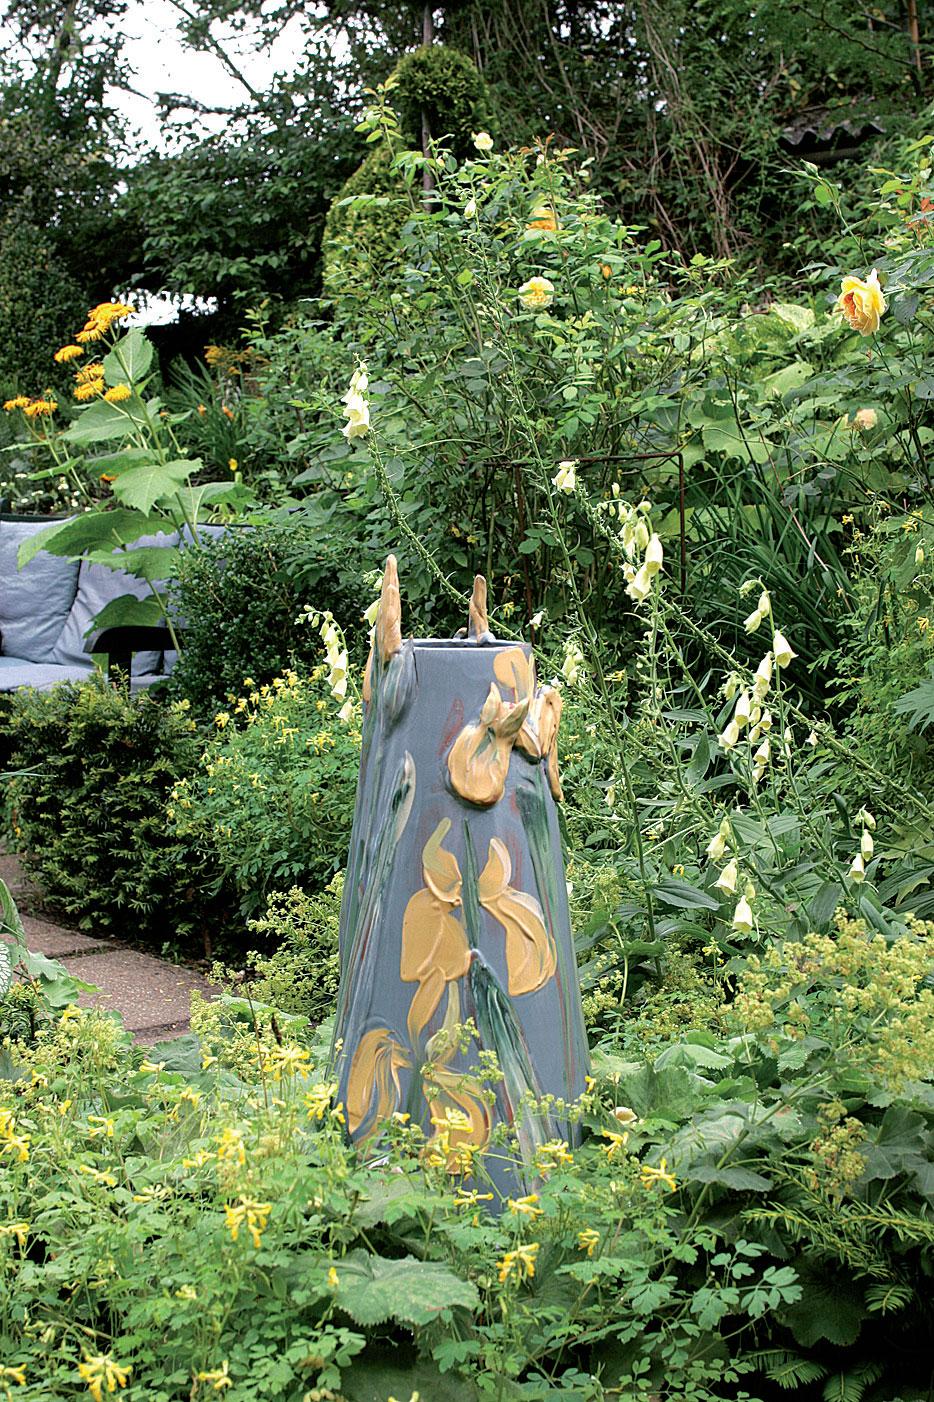 Keramiikkamaljakko pääsee oikeuksiinsa keltaisessa puutarhassa. Anne vie työnsä ammattikeraamikolle poltettaviksi. Jättipoimulehti (Alchemilla mollis) ja keltasormustinkukka (Digitalis grandiflora) ympäröivät teosta.